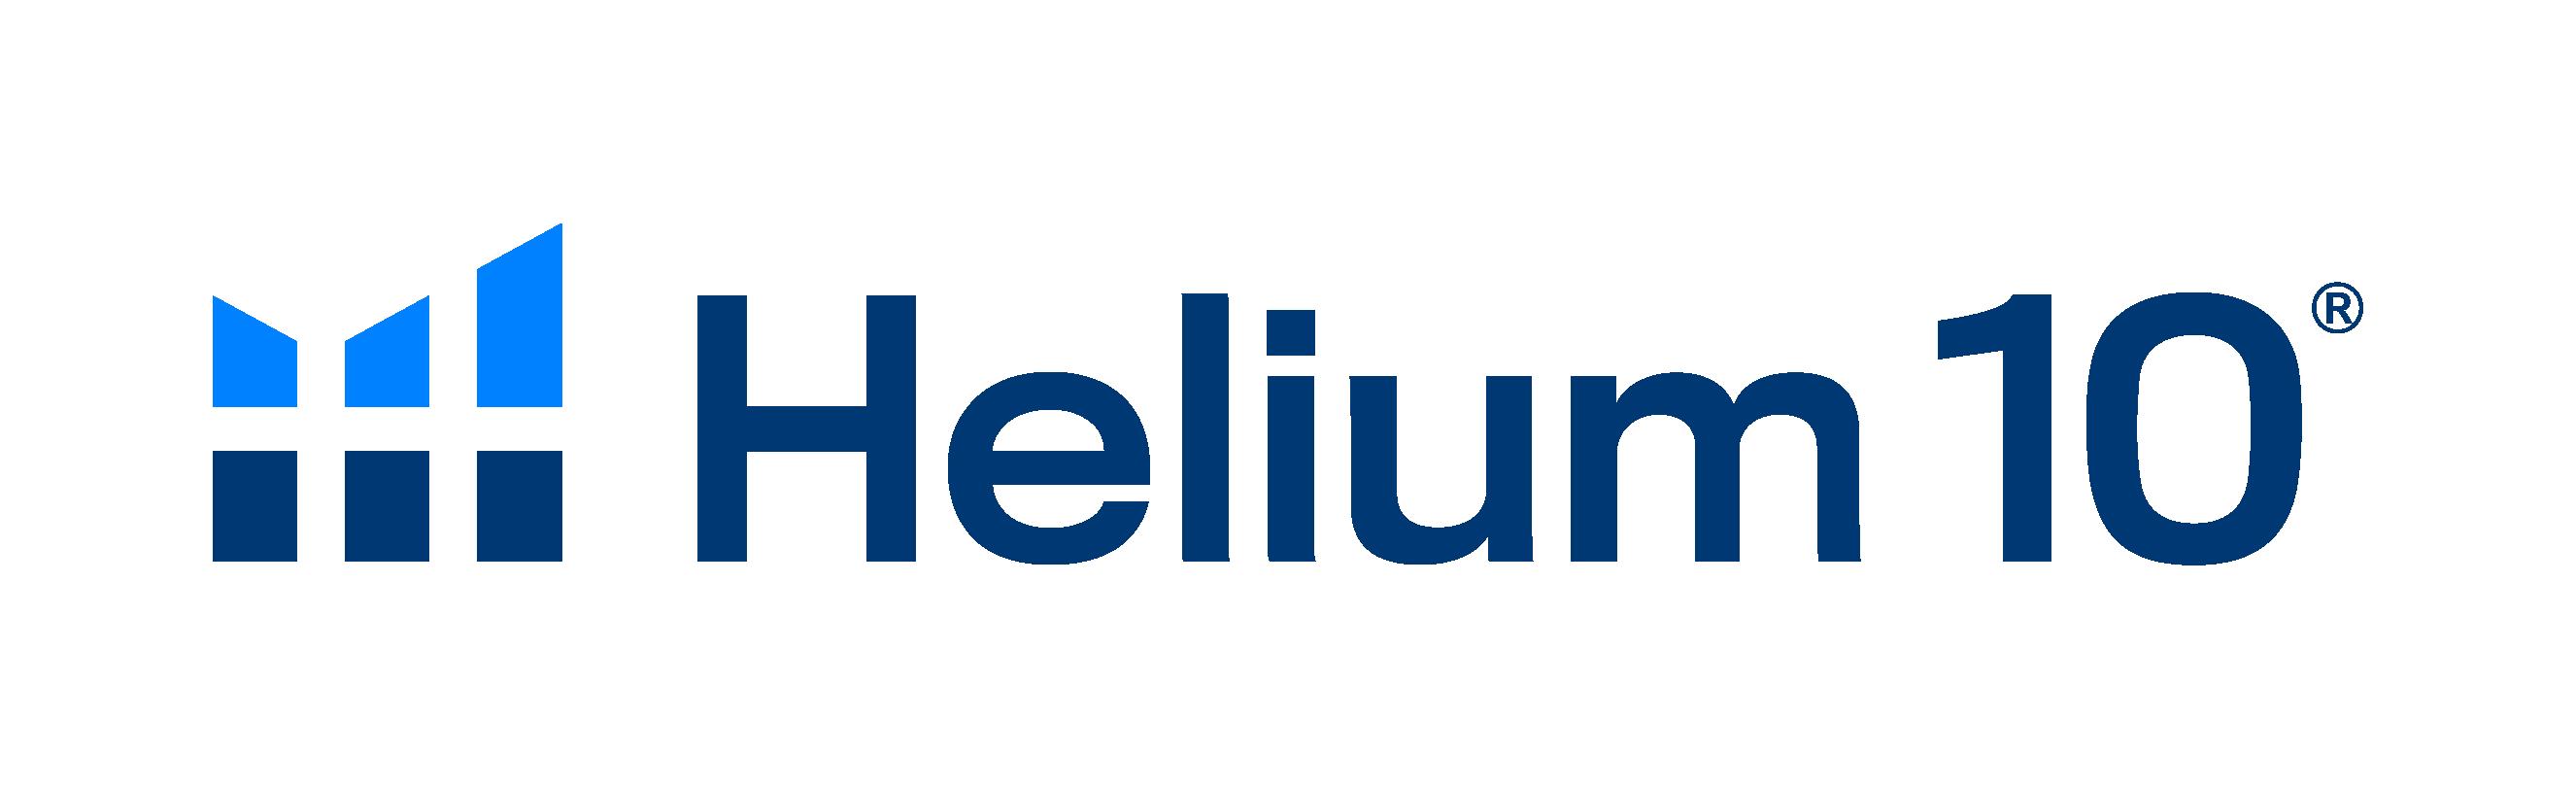 Helium 10 Cerebro Anleitung